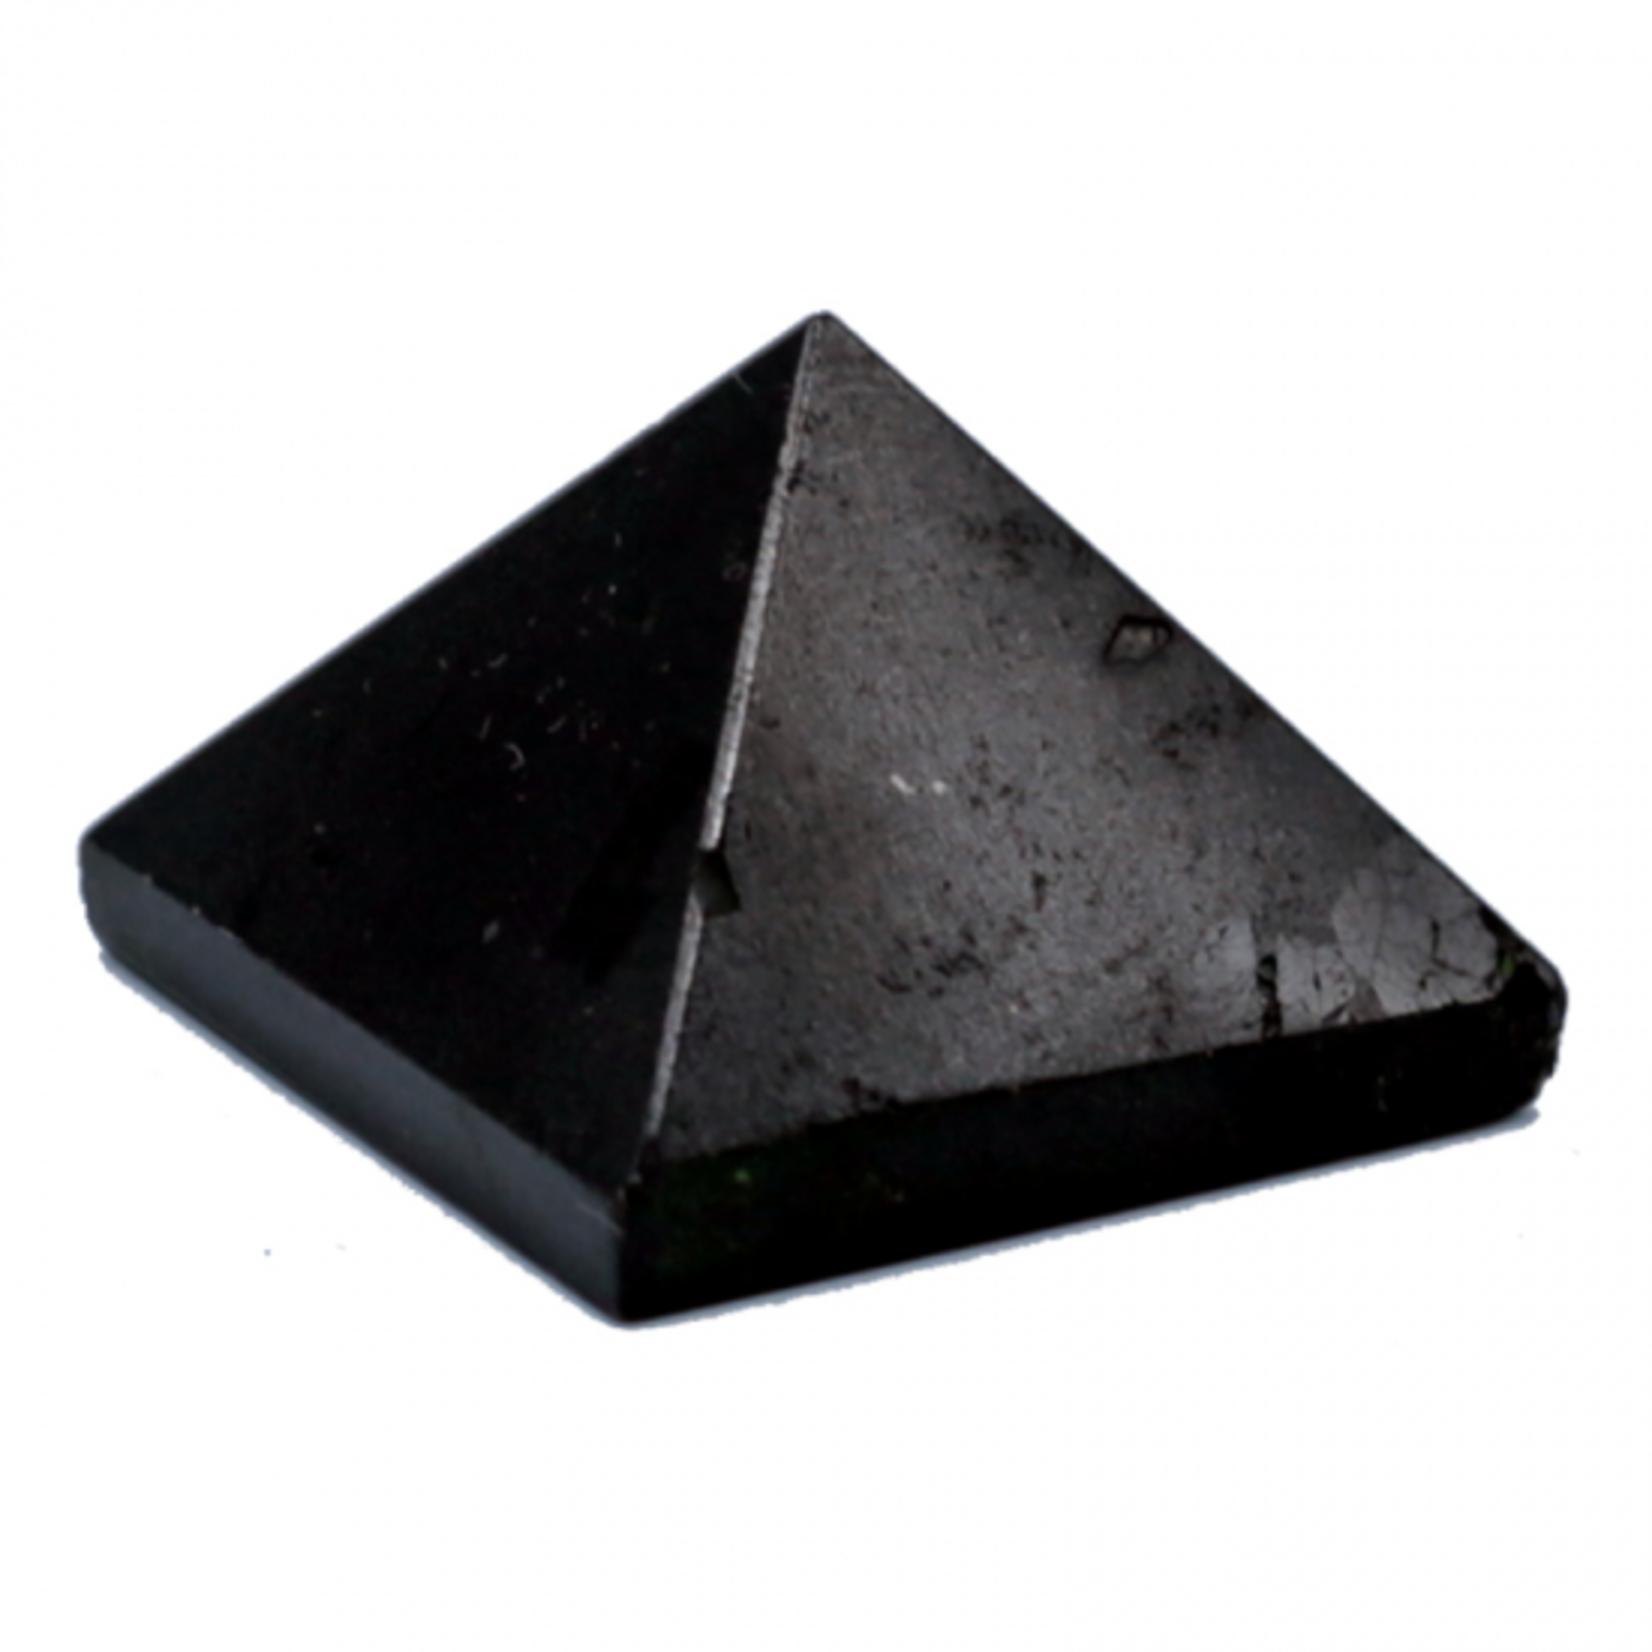 Toermalijn piramide - bescherming tegen allerlei energieën